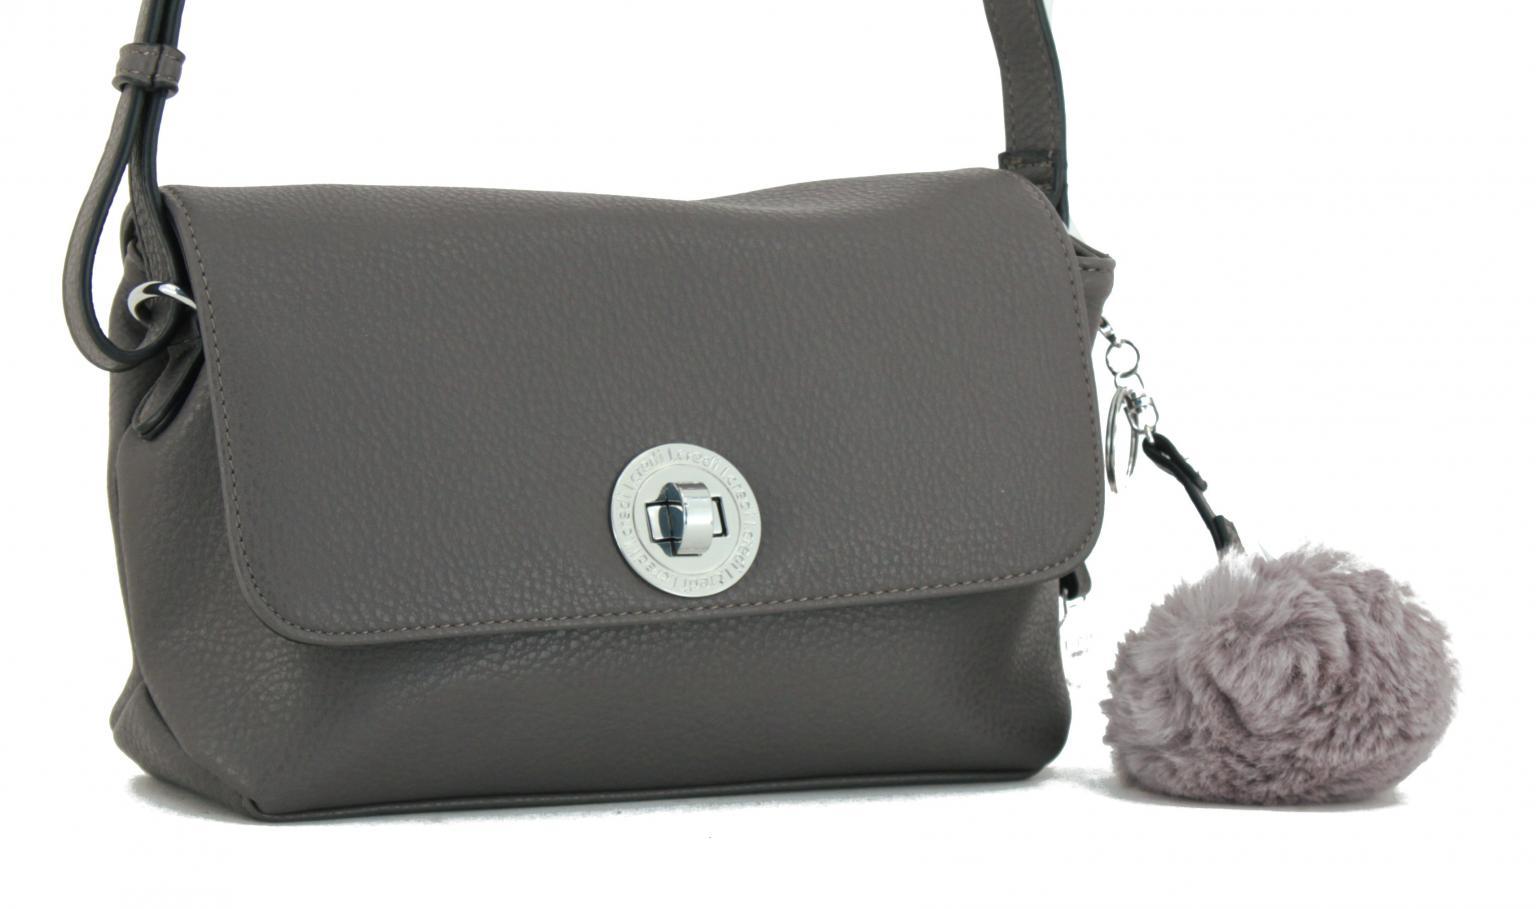 Handtasche L.Credi Munich Belvedere Fake Fur grau Anhänger